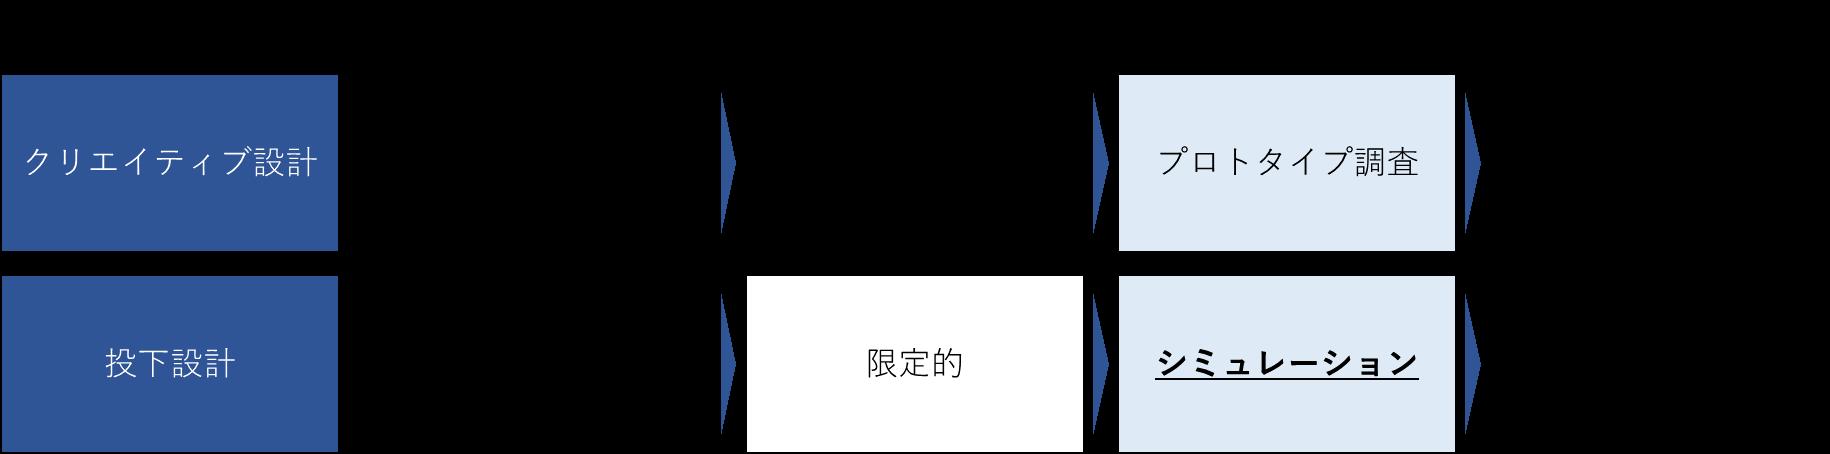 図表1 テレビCMの運用ドライバーはクリエイティブ設計と投下設計に分けられる